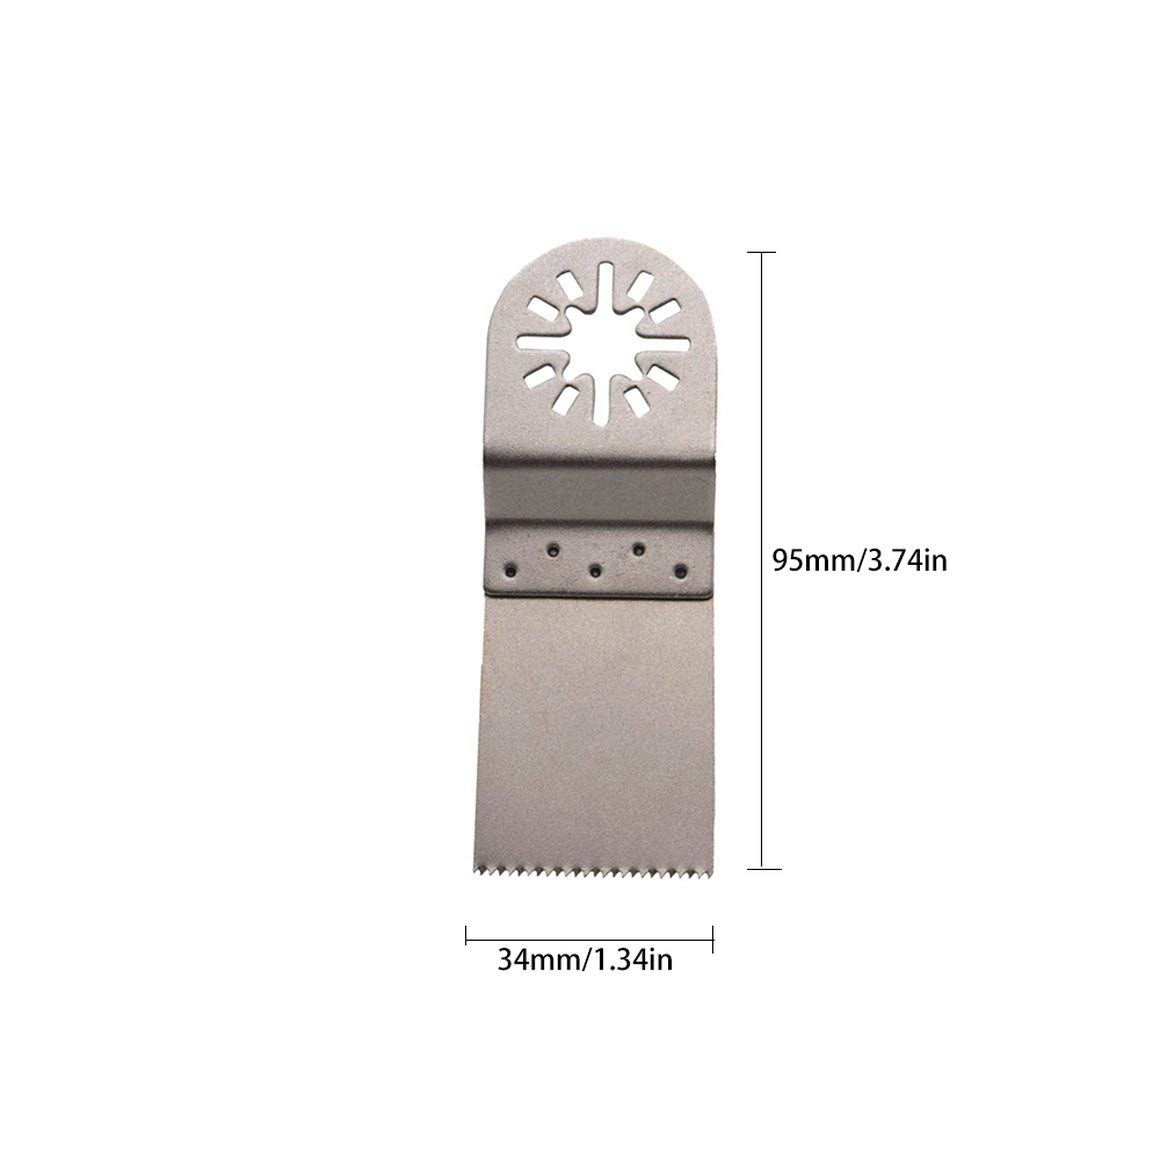 Funnyrunstore 1PCS 34MM Hojas de sierra multifuncionales Port/átil Oscilante Multi herramienta Durable Juego de cortador de carpinter/ía Accesorio de herramienta plata